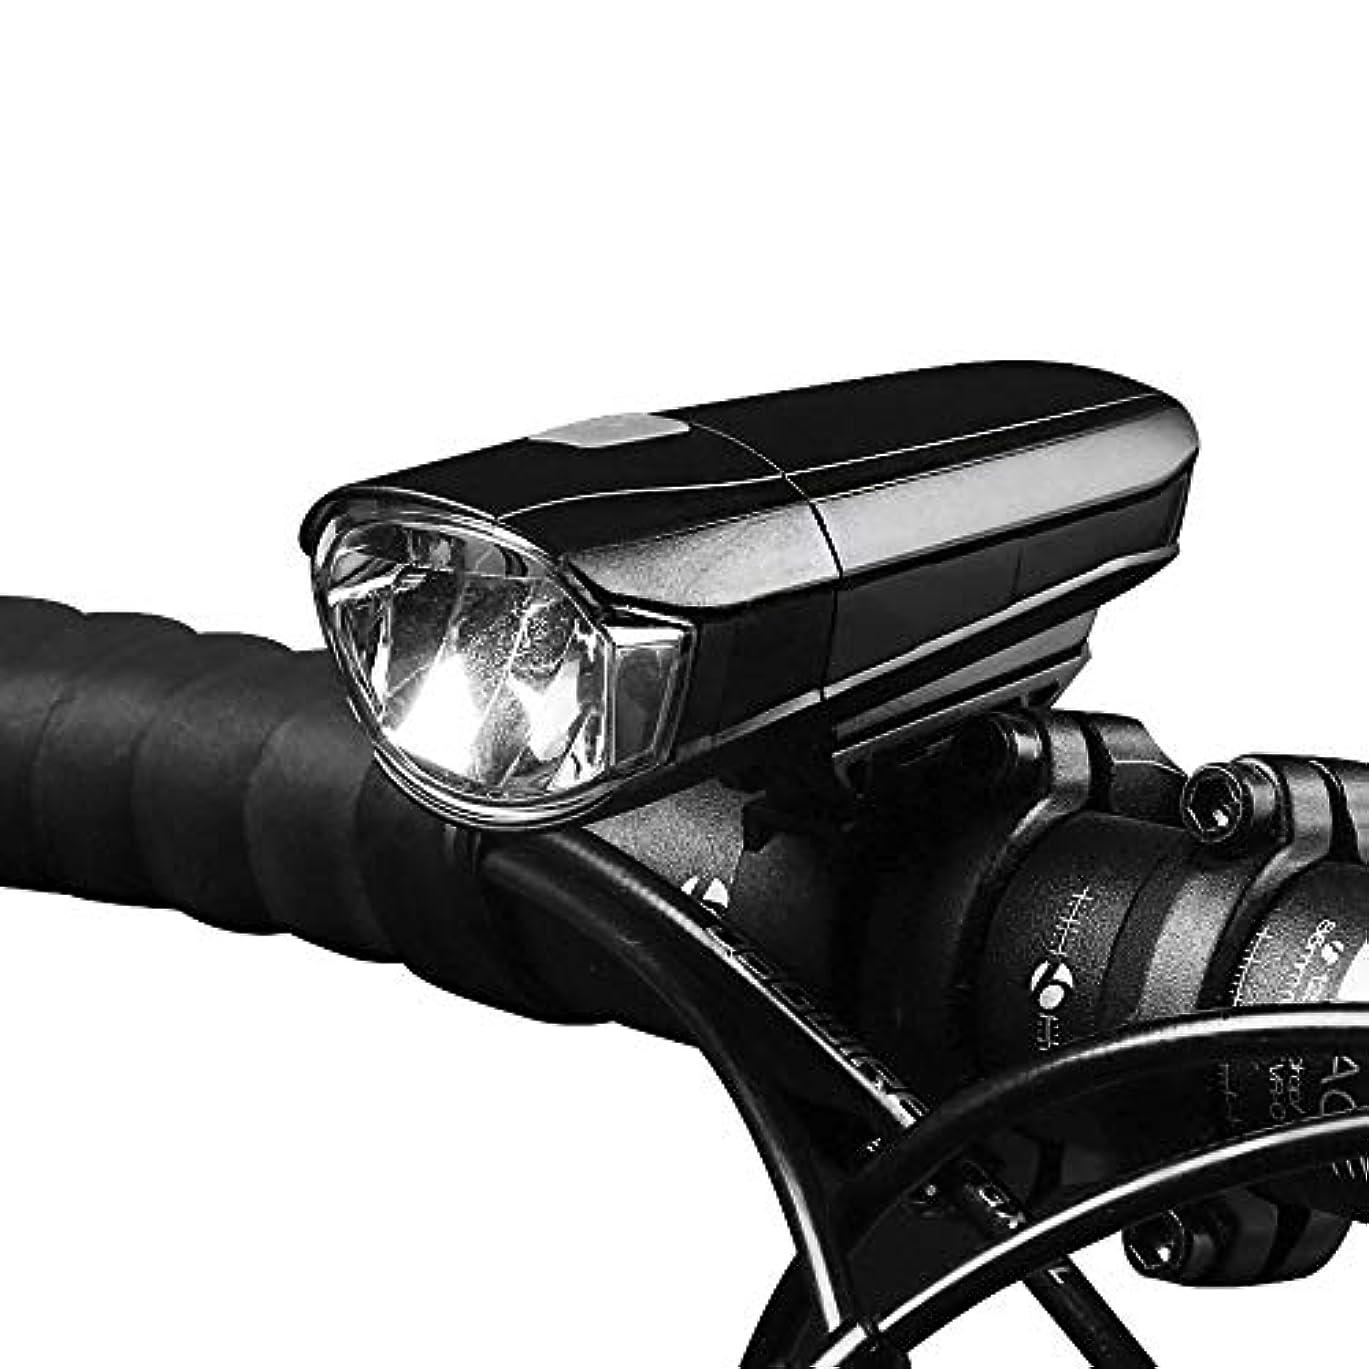 以上ディベート消費者Okiiting 自転車用ライトセットスーパーブライトUSB充電式自転車ライト防水マウンテンロード自転車用ライト充電式USB自転車用ヘッドライト自転車用ヘッドライトストロングライト自転車用ライト防水自転車用ライト長寿命 うまく設計された (Color : Black)